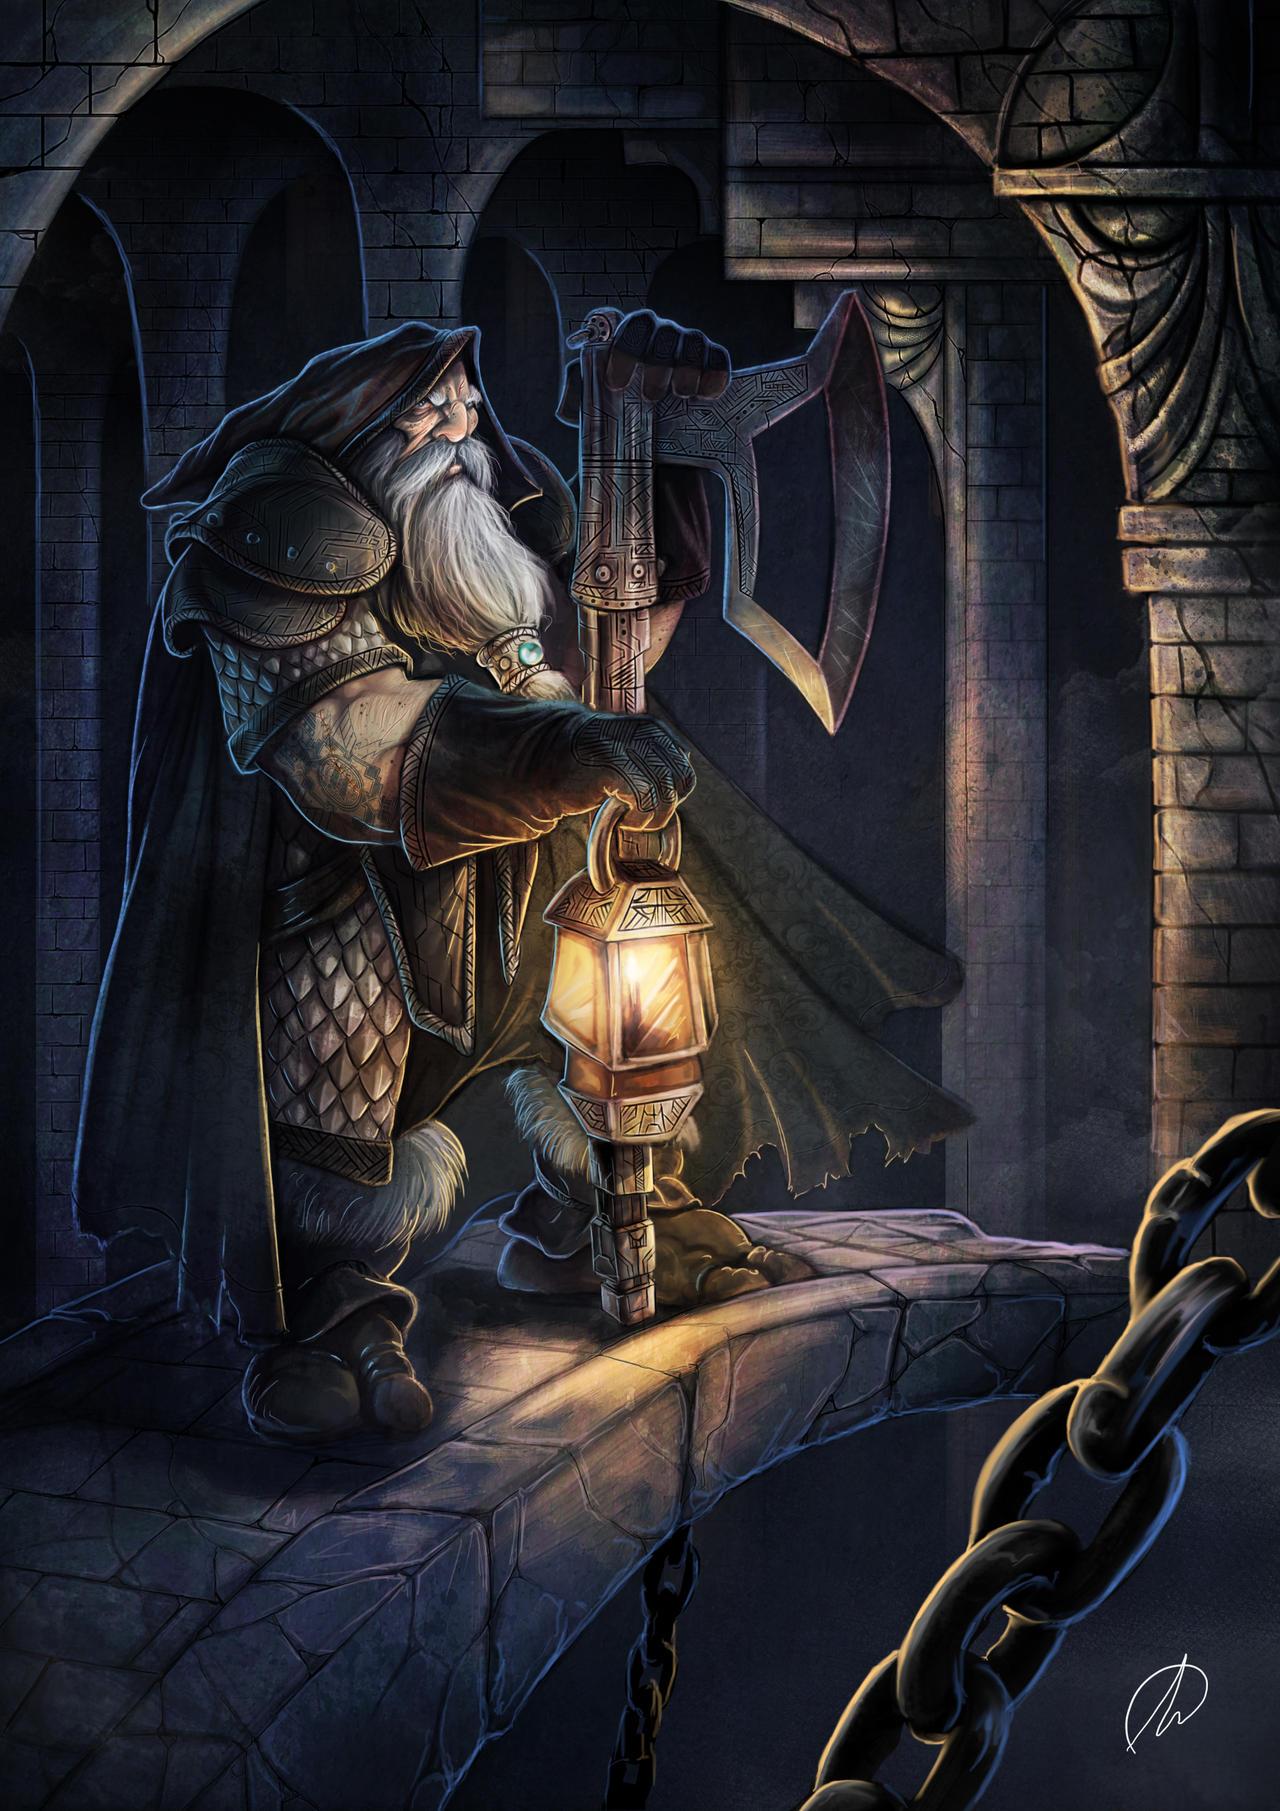 Dwarf Cavern by TheMonkey-DavidLanza